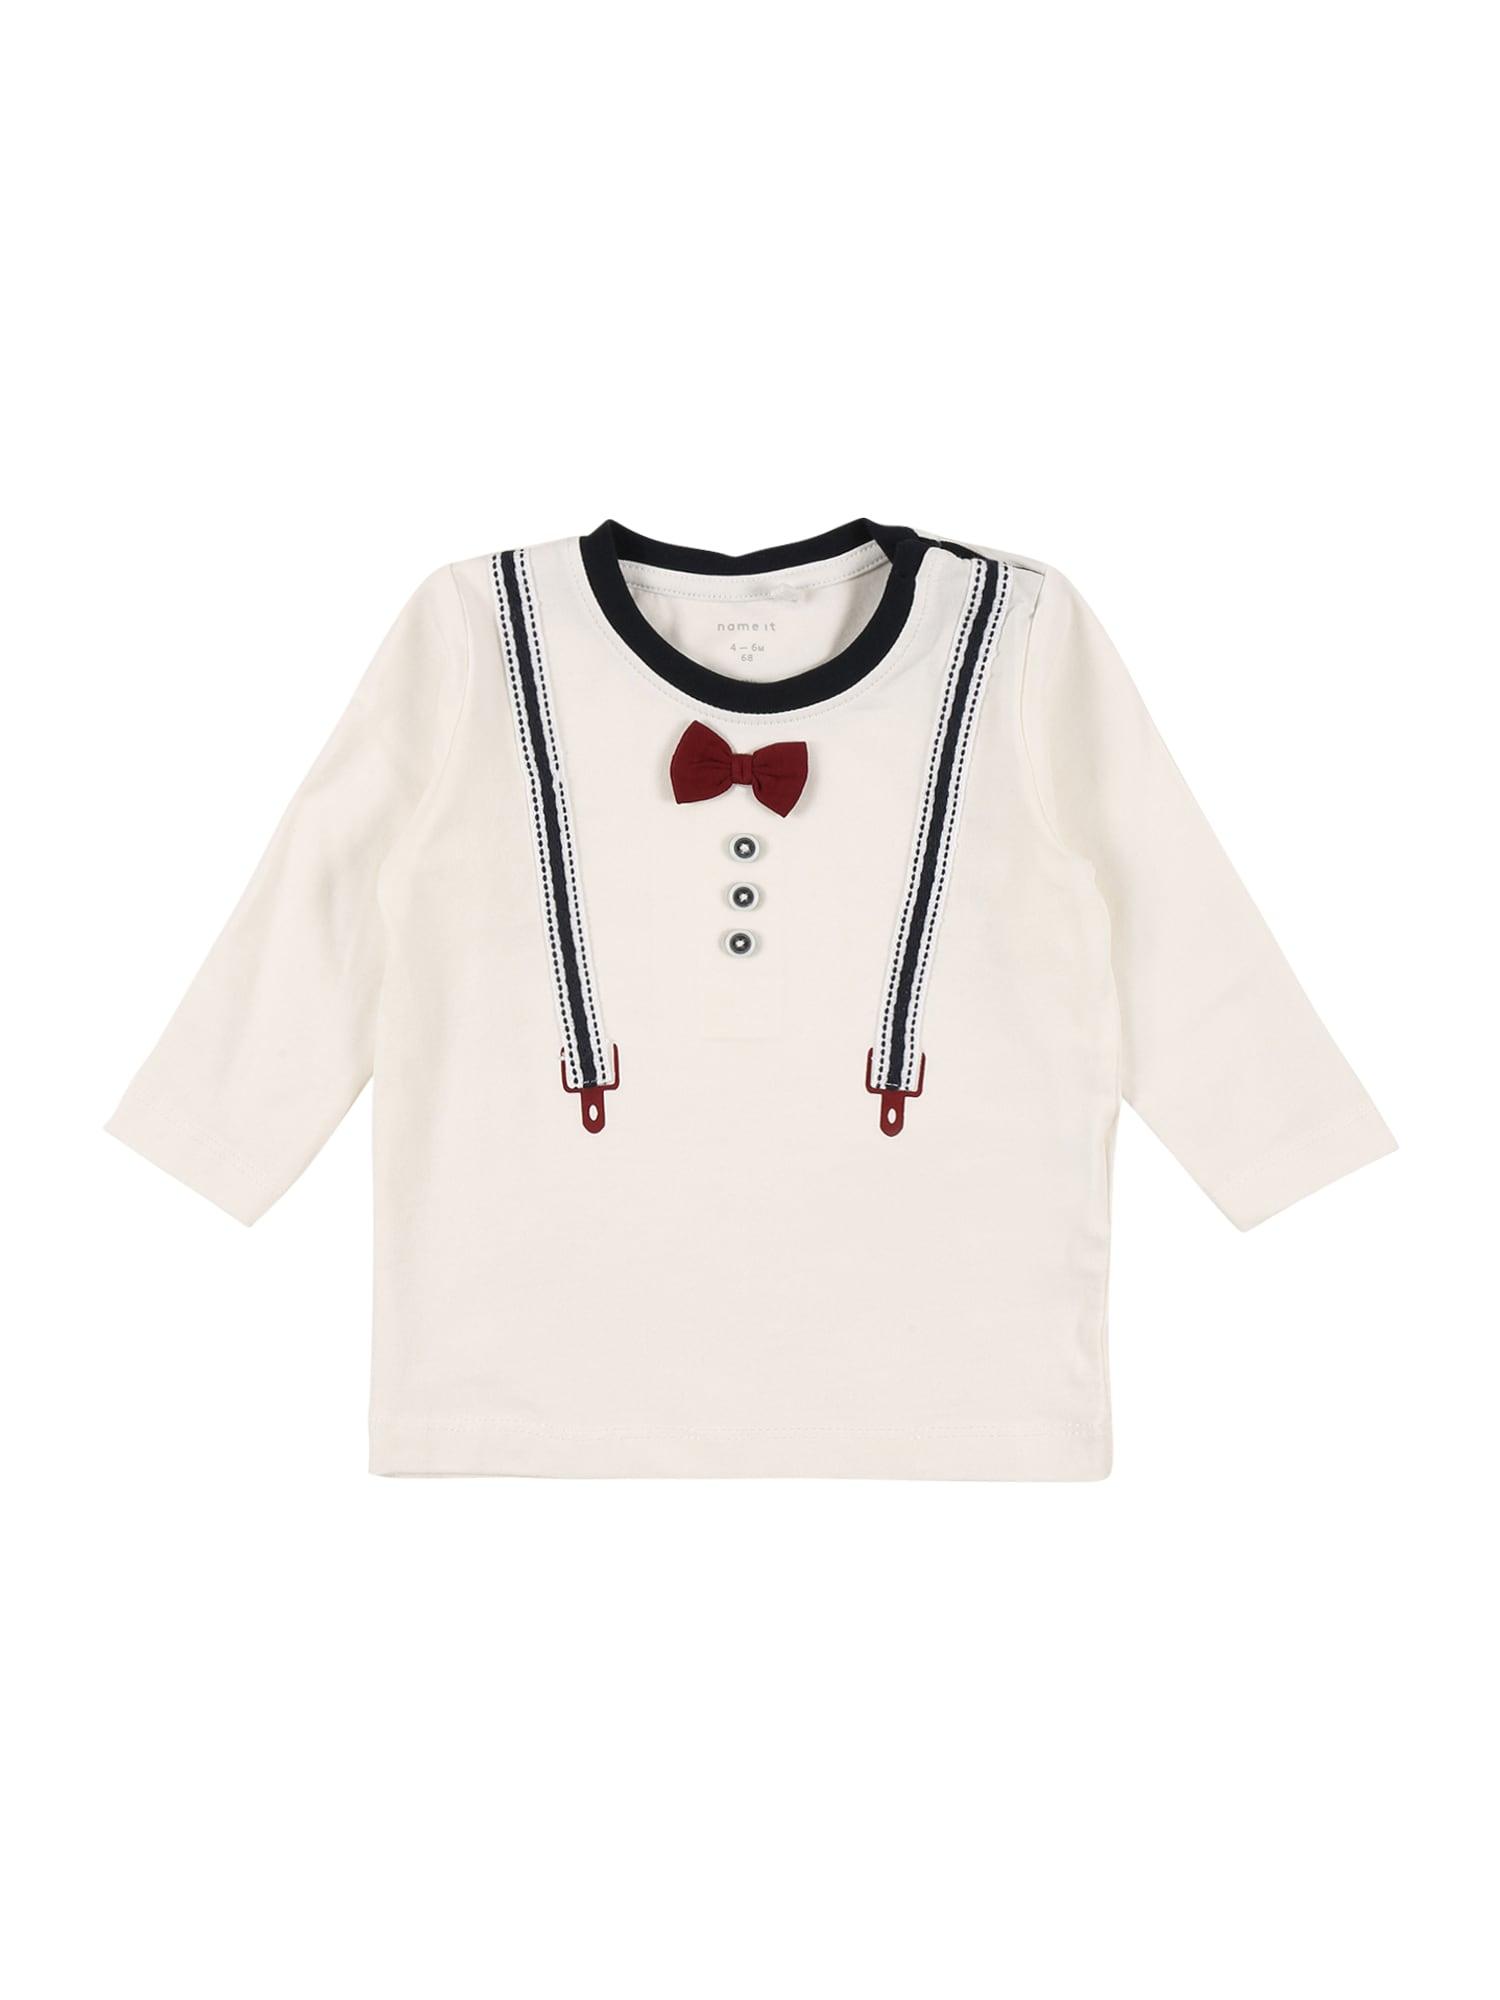 NAME IT Marškinėliai 'RABOW' tamsiai raudona / tamsiai mėlyna / natūrali balta